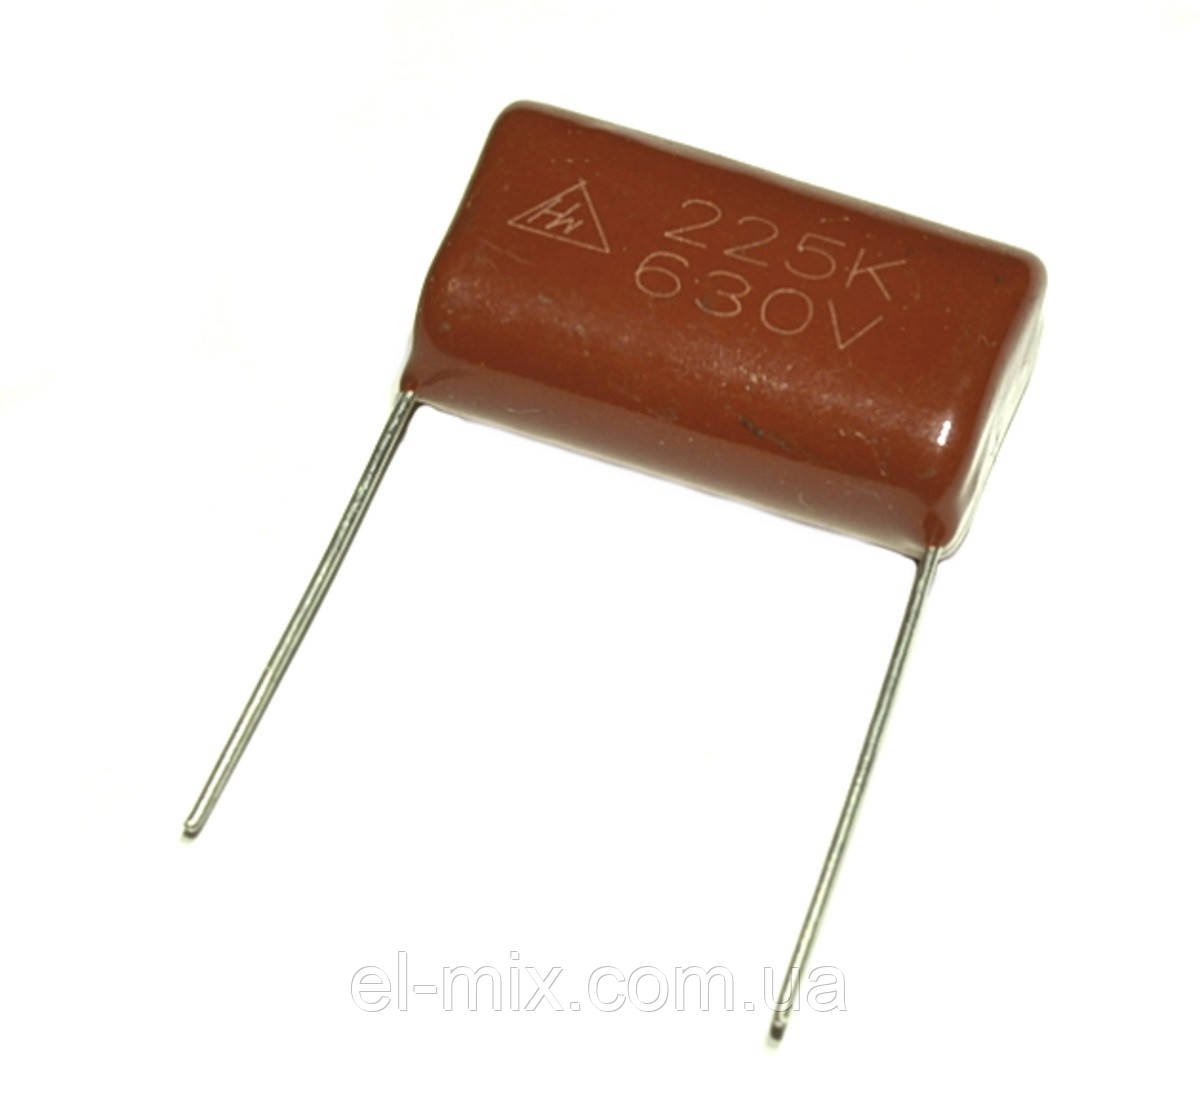 Конденсатор поліефірний CL-21 2.2 µF 630VDC, ±10%, Hw